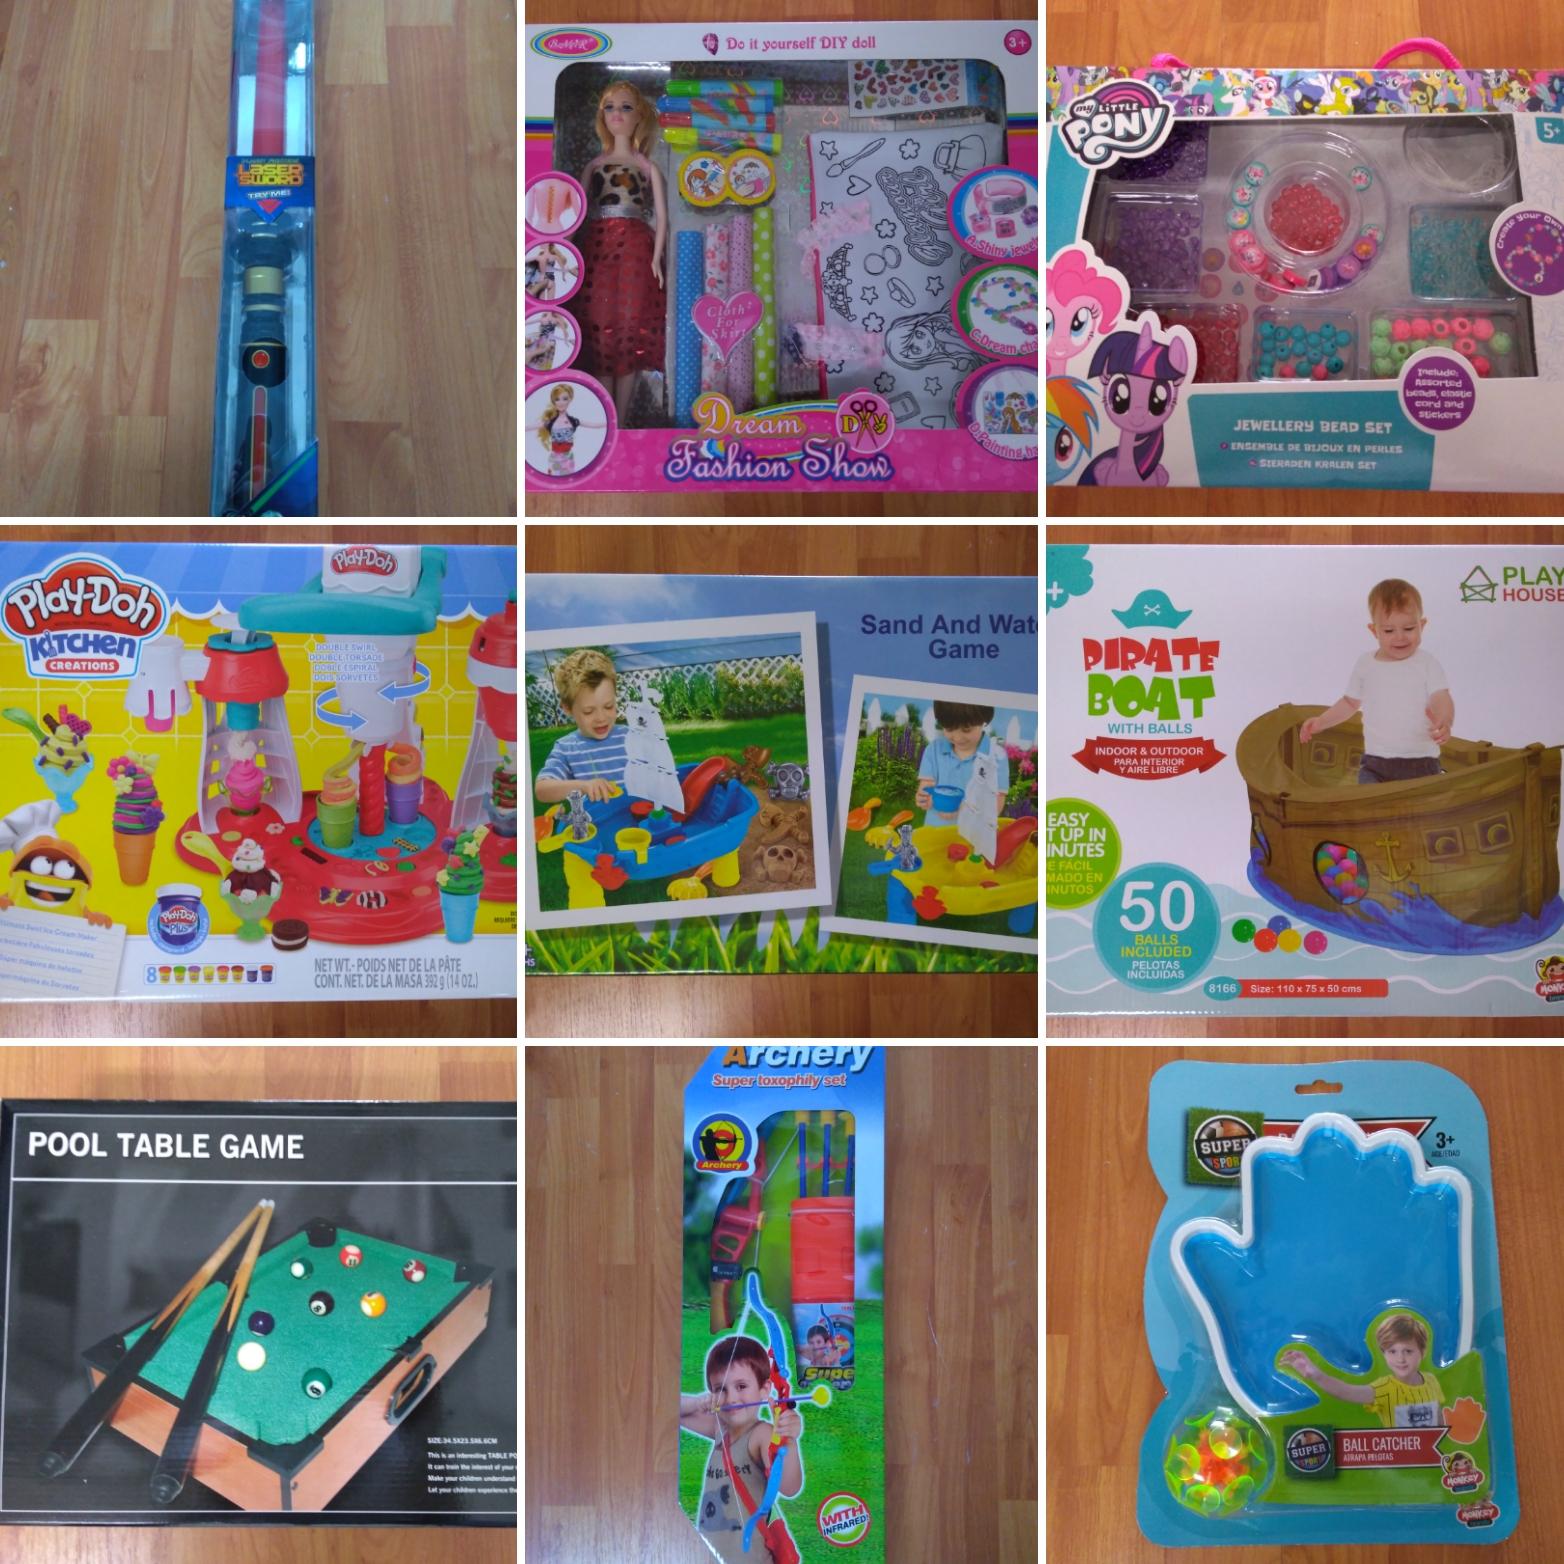 jugueteria-juguetes-milcositas-manizales- (17)